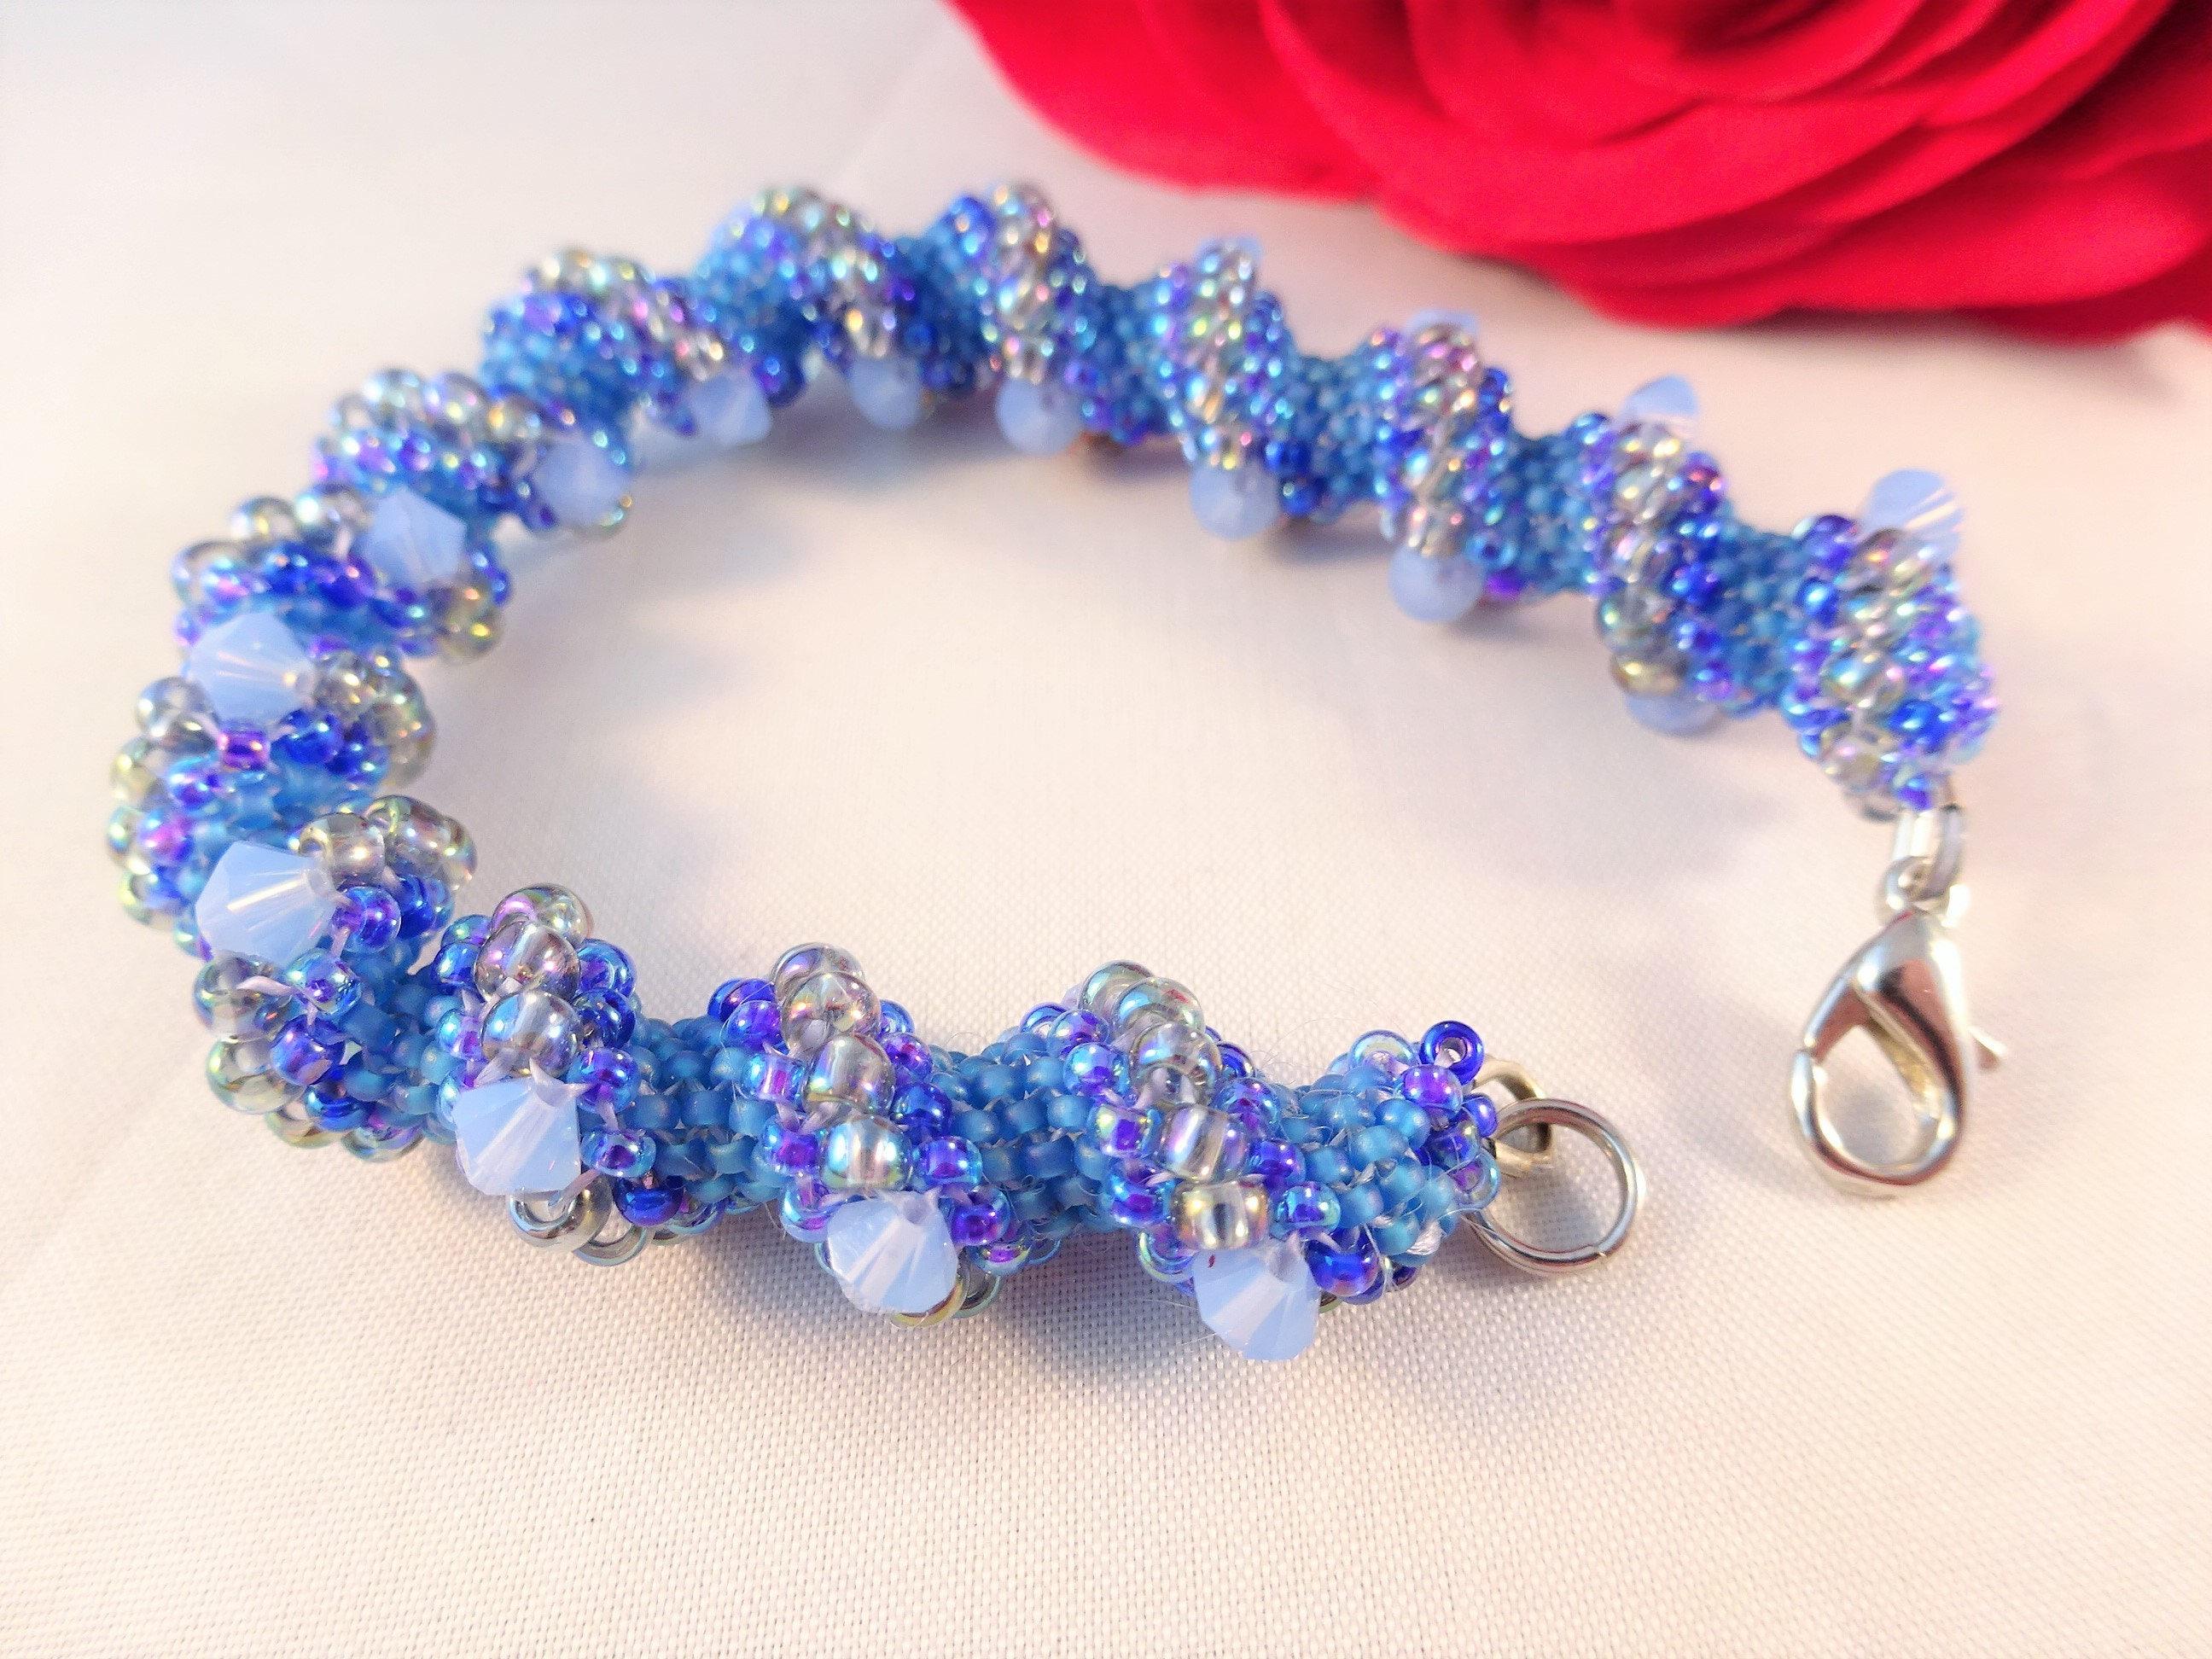 Dickes Armband Schöner Perlen Schmuck mit Swarovski Kristal